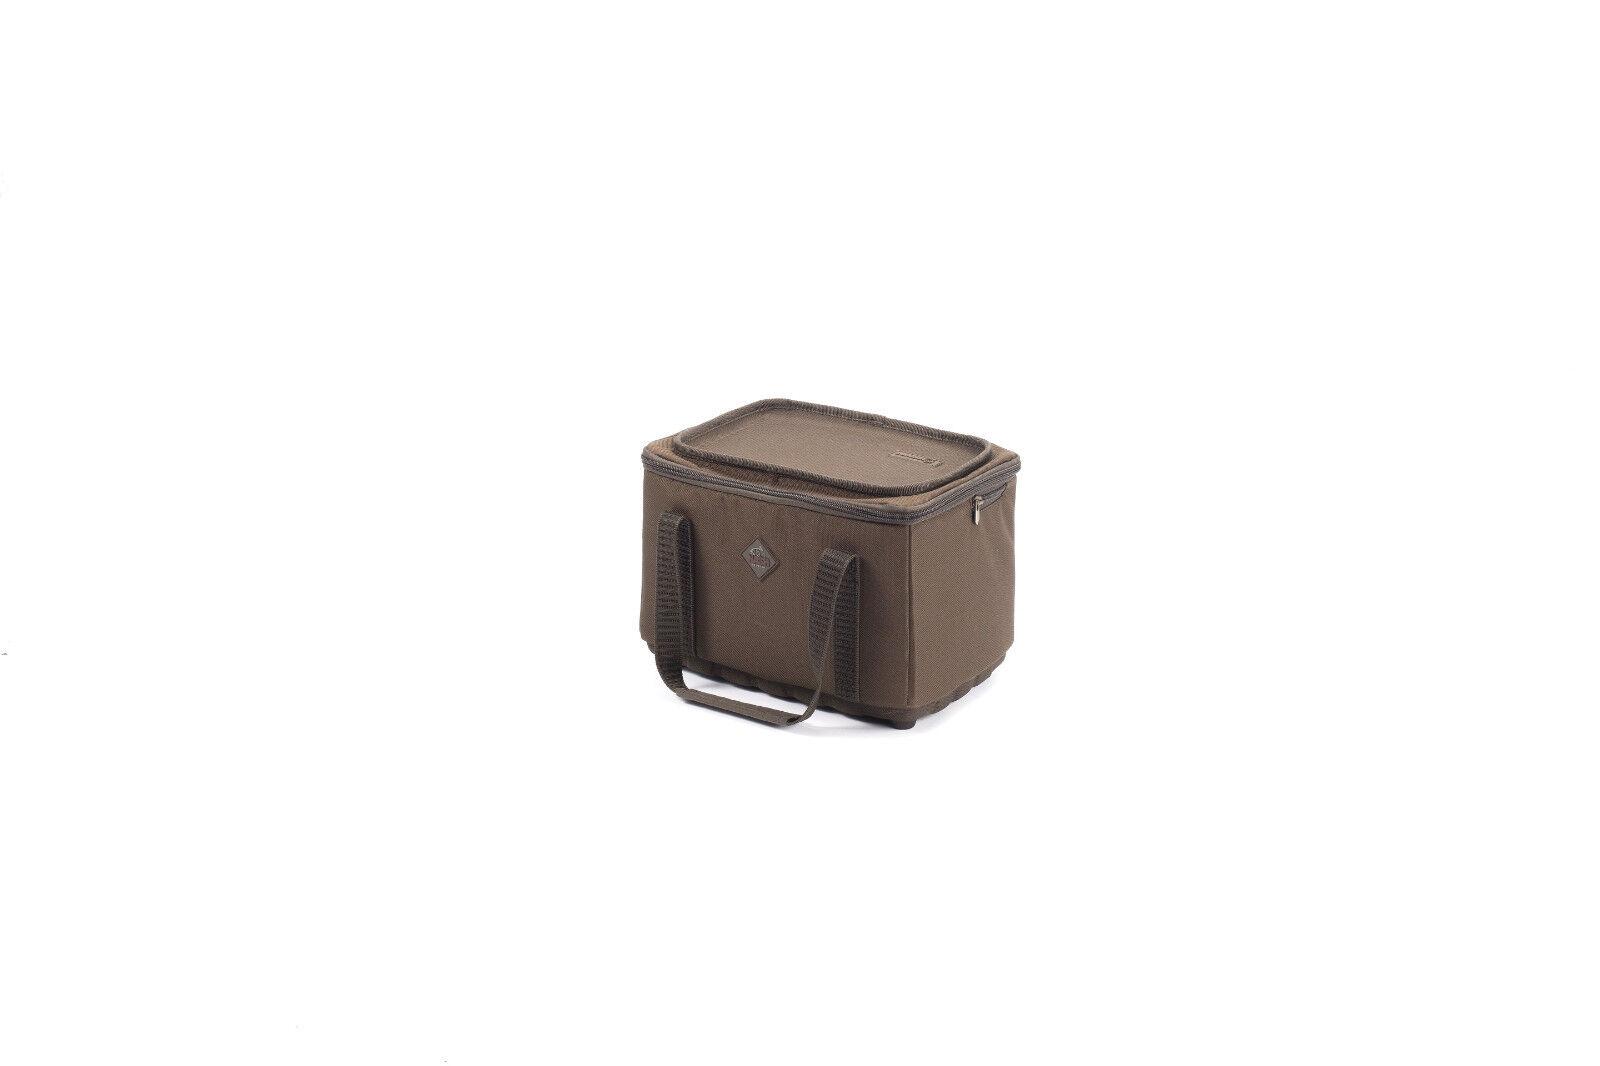 Nash Logix Deluxe Brew Kit Bag T3419 Tasche f FRA 65533;65533;r Kochutensilien Cook Bag